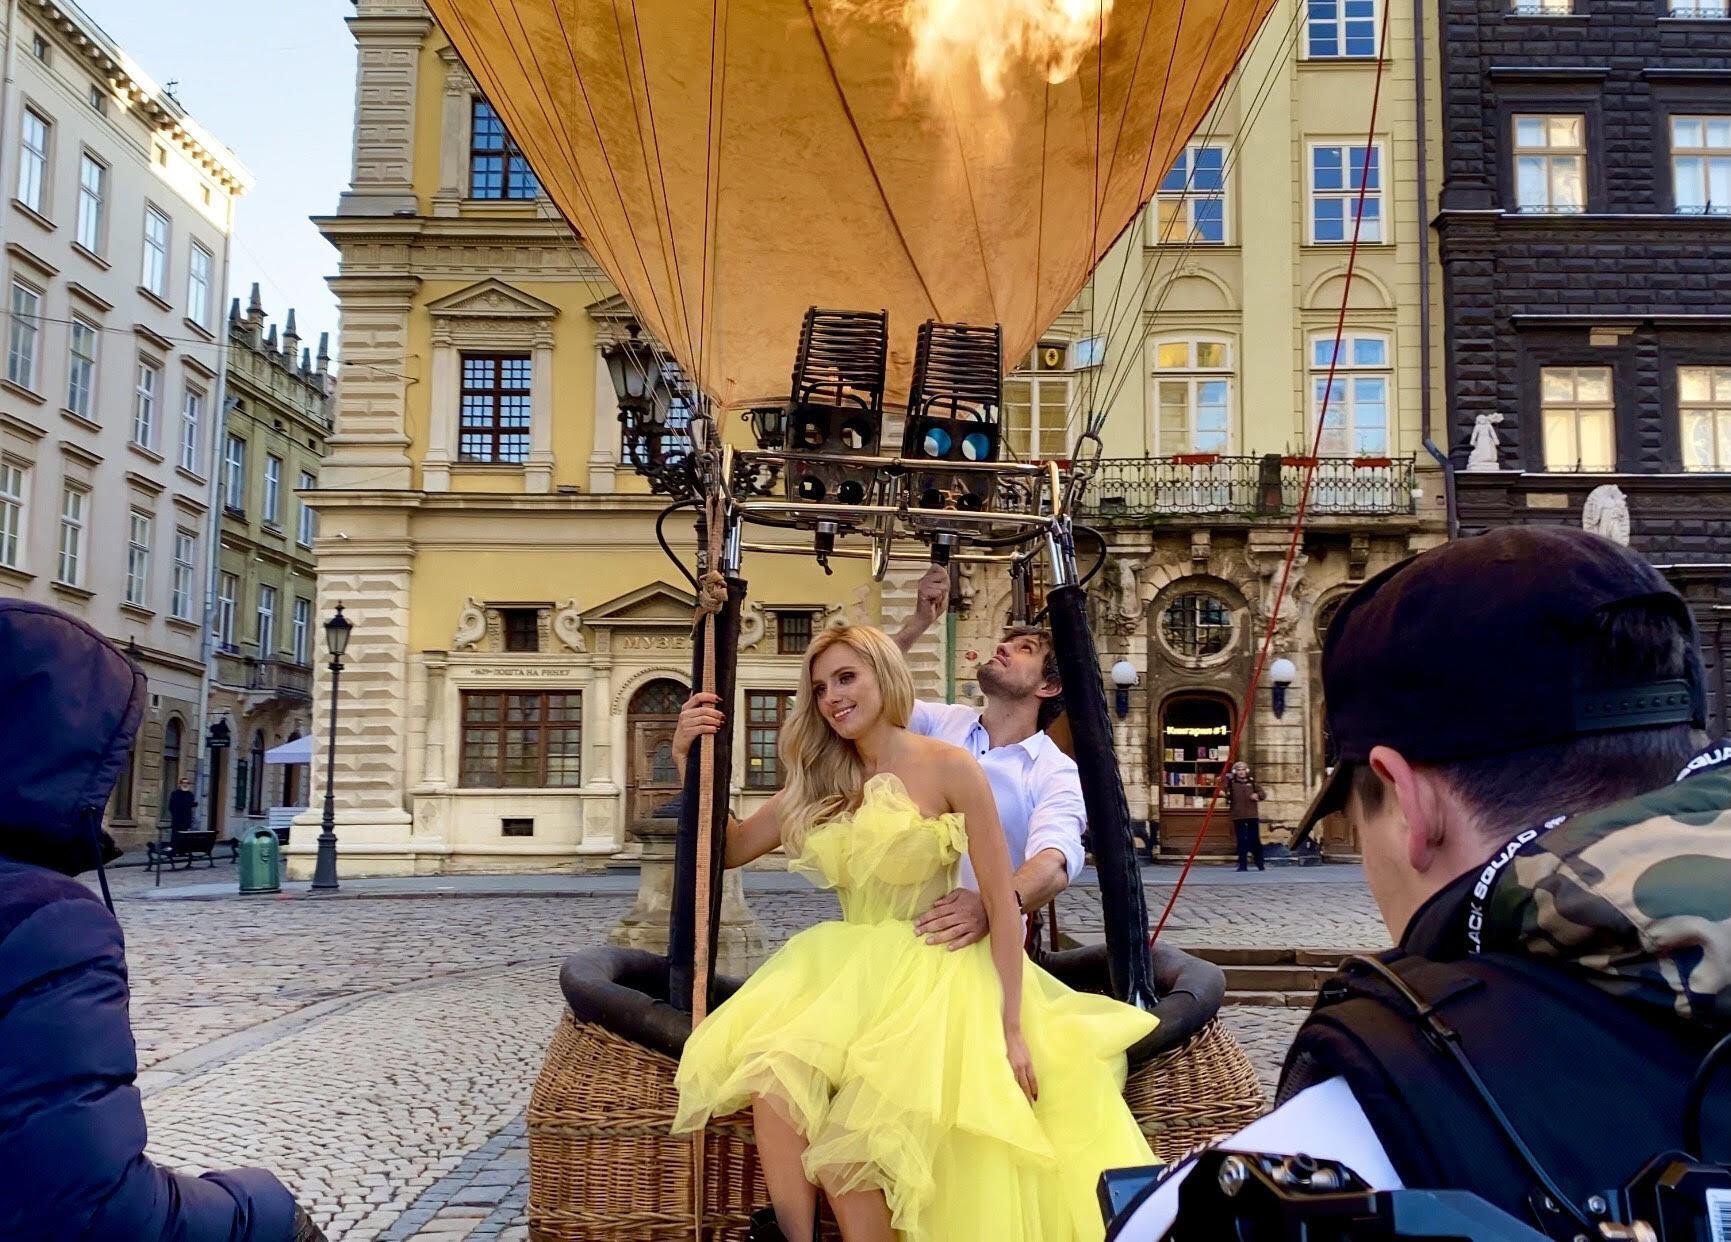 Ирина Федишин сняла новый клип. Фото со съемок